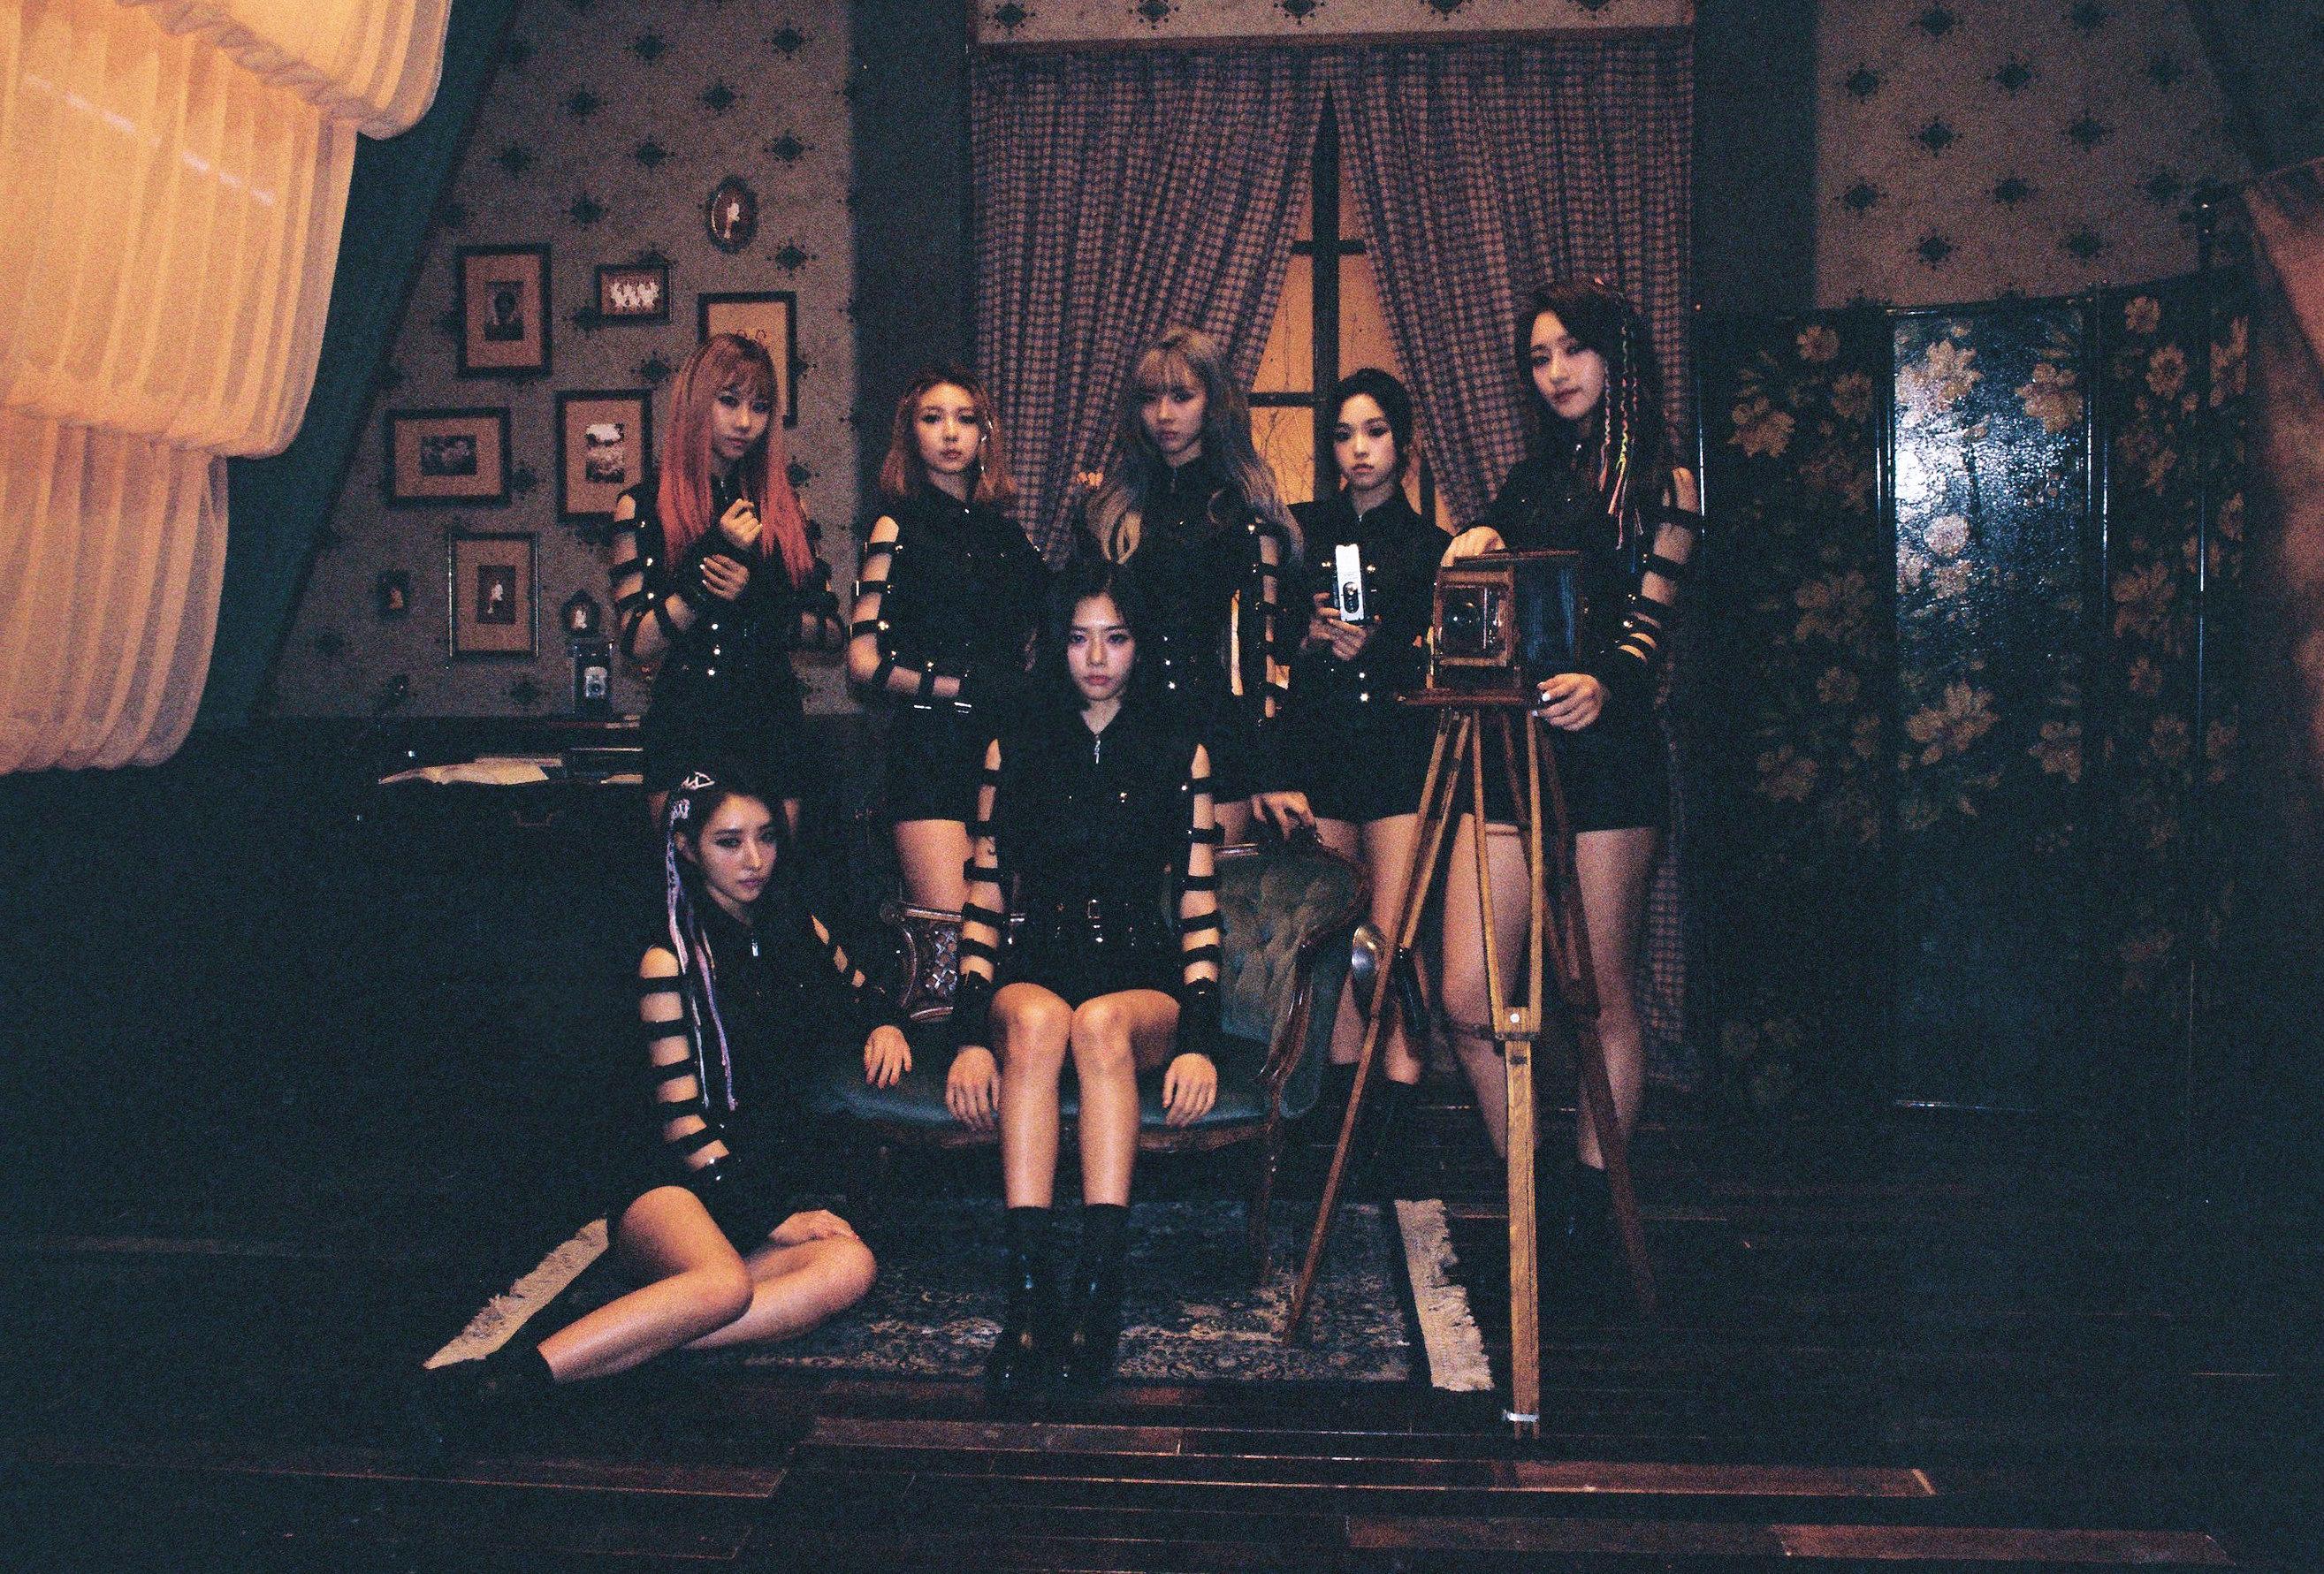 Meet Dreamcatcher: K-Pop's Most Horrifying Girl Group - PAPER